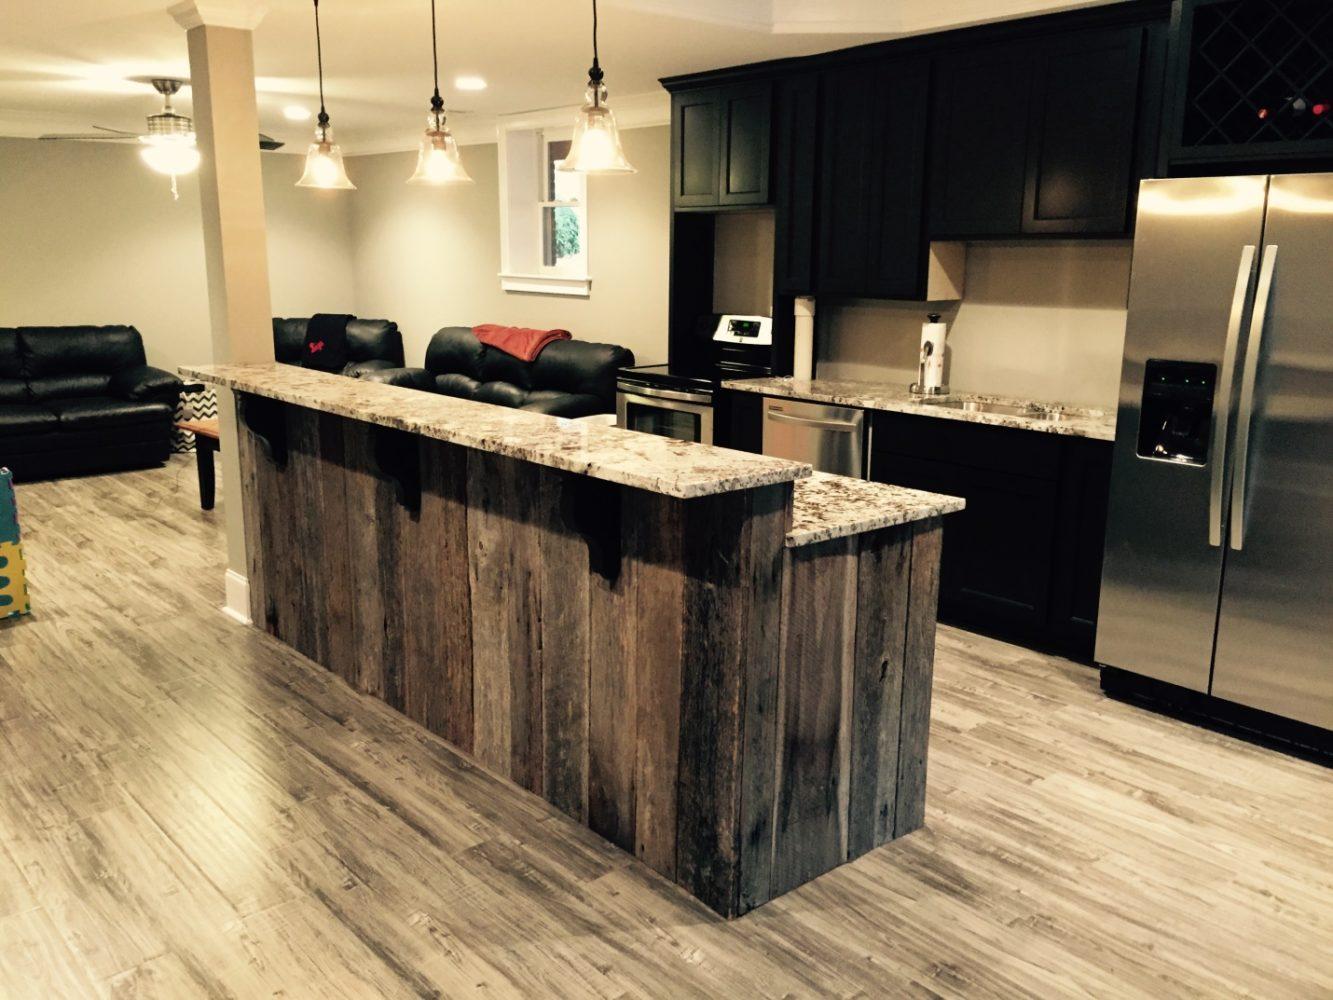 wooden kitchen Island - Task Masters, Dubai